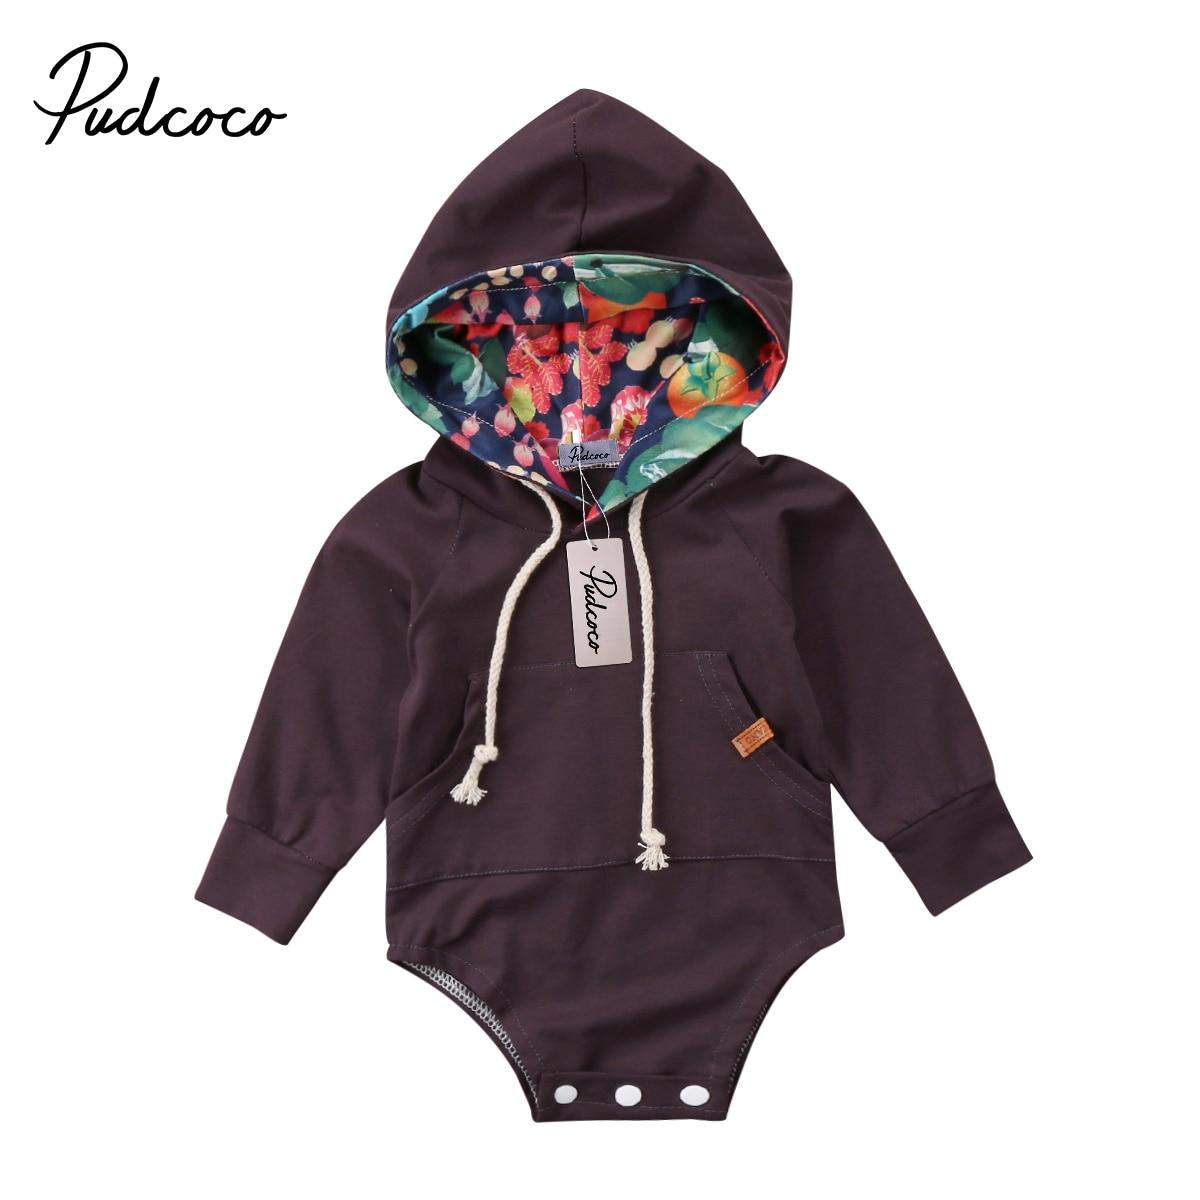 Pudcoco новорожденных Для маленьких мальчиков девушка цветочный капюшоном комбинезон с длинными рукавами и карманами, Кофты комплект